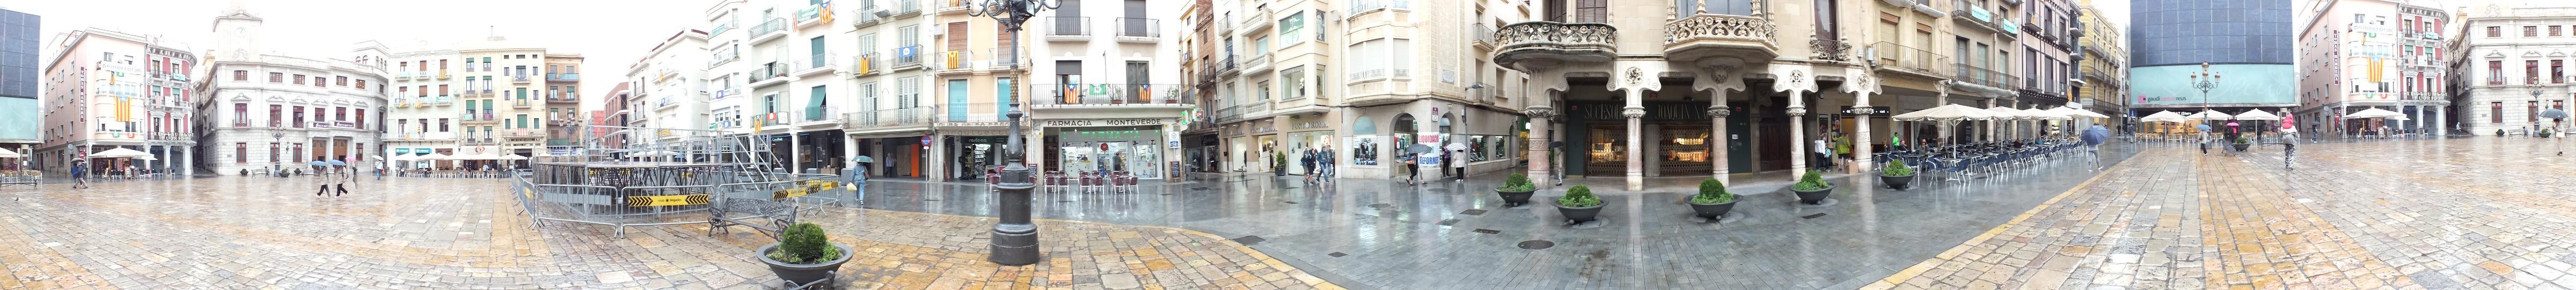 Reus panorama Placa del Mercadal